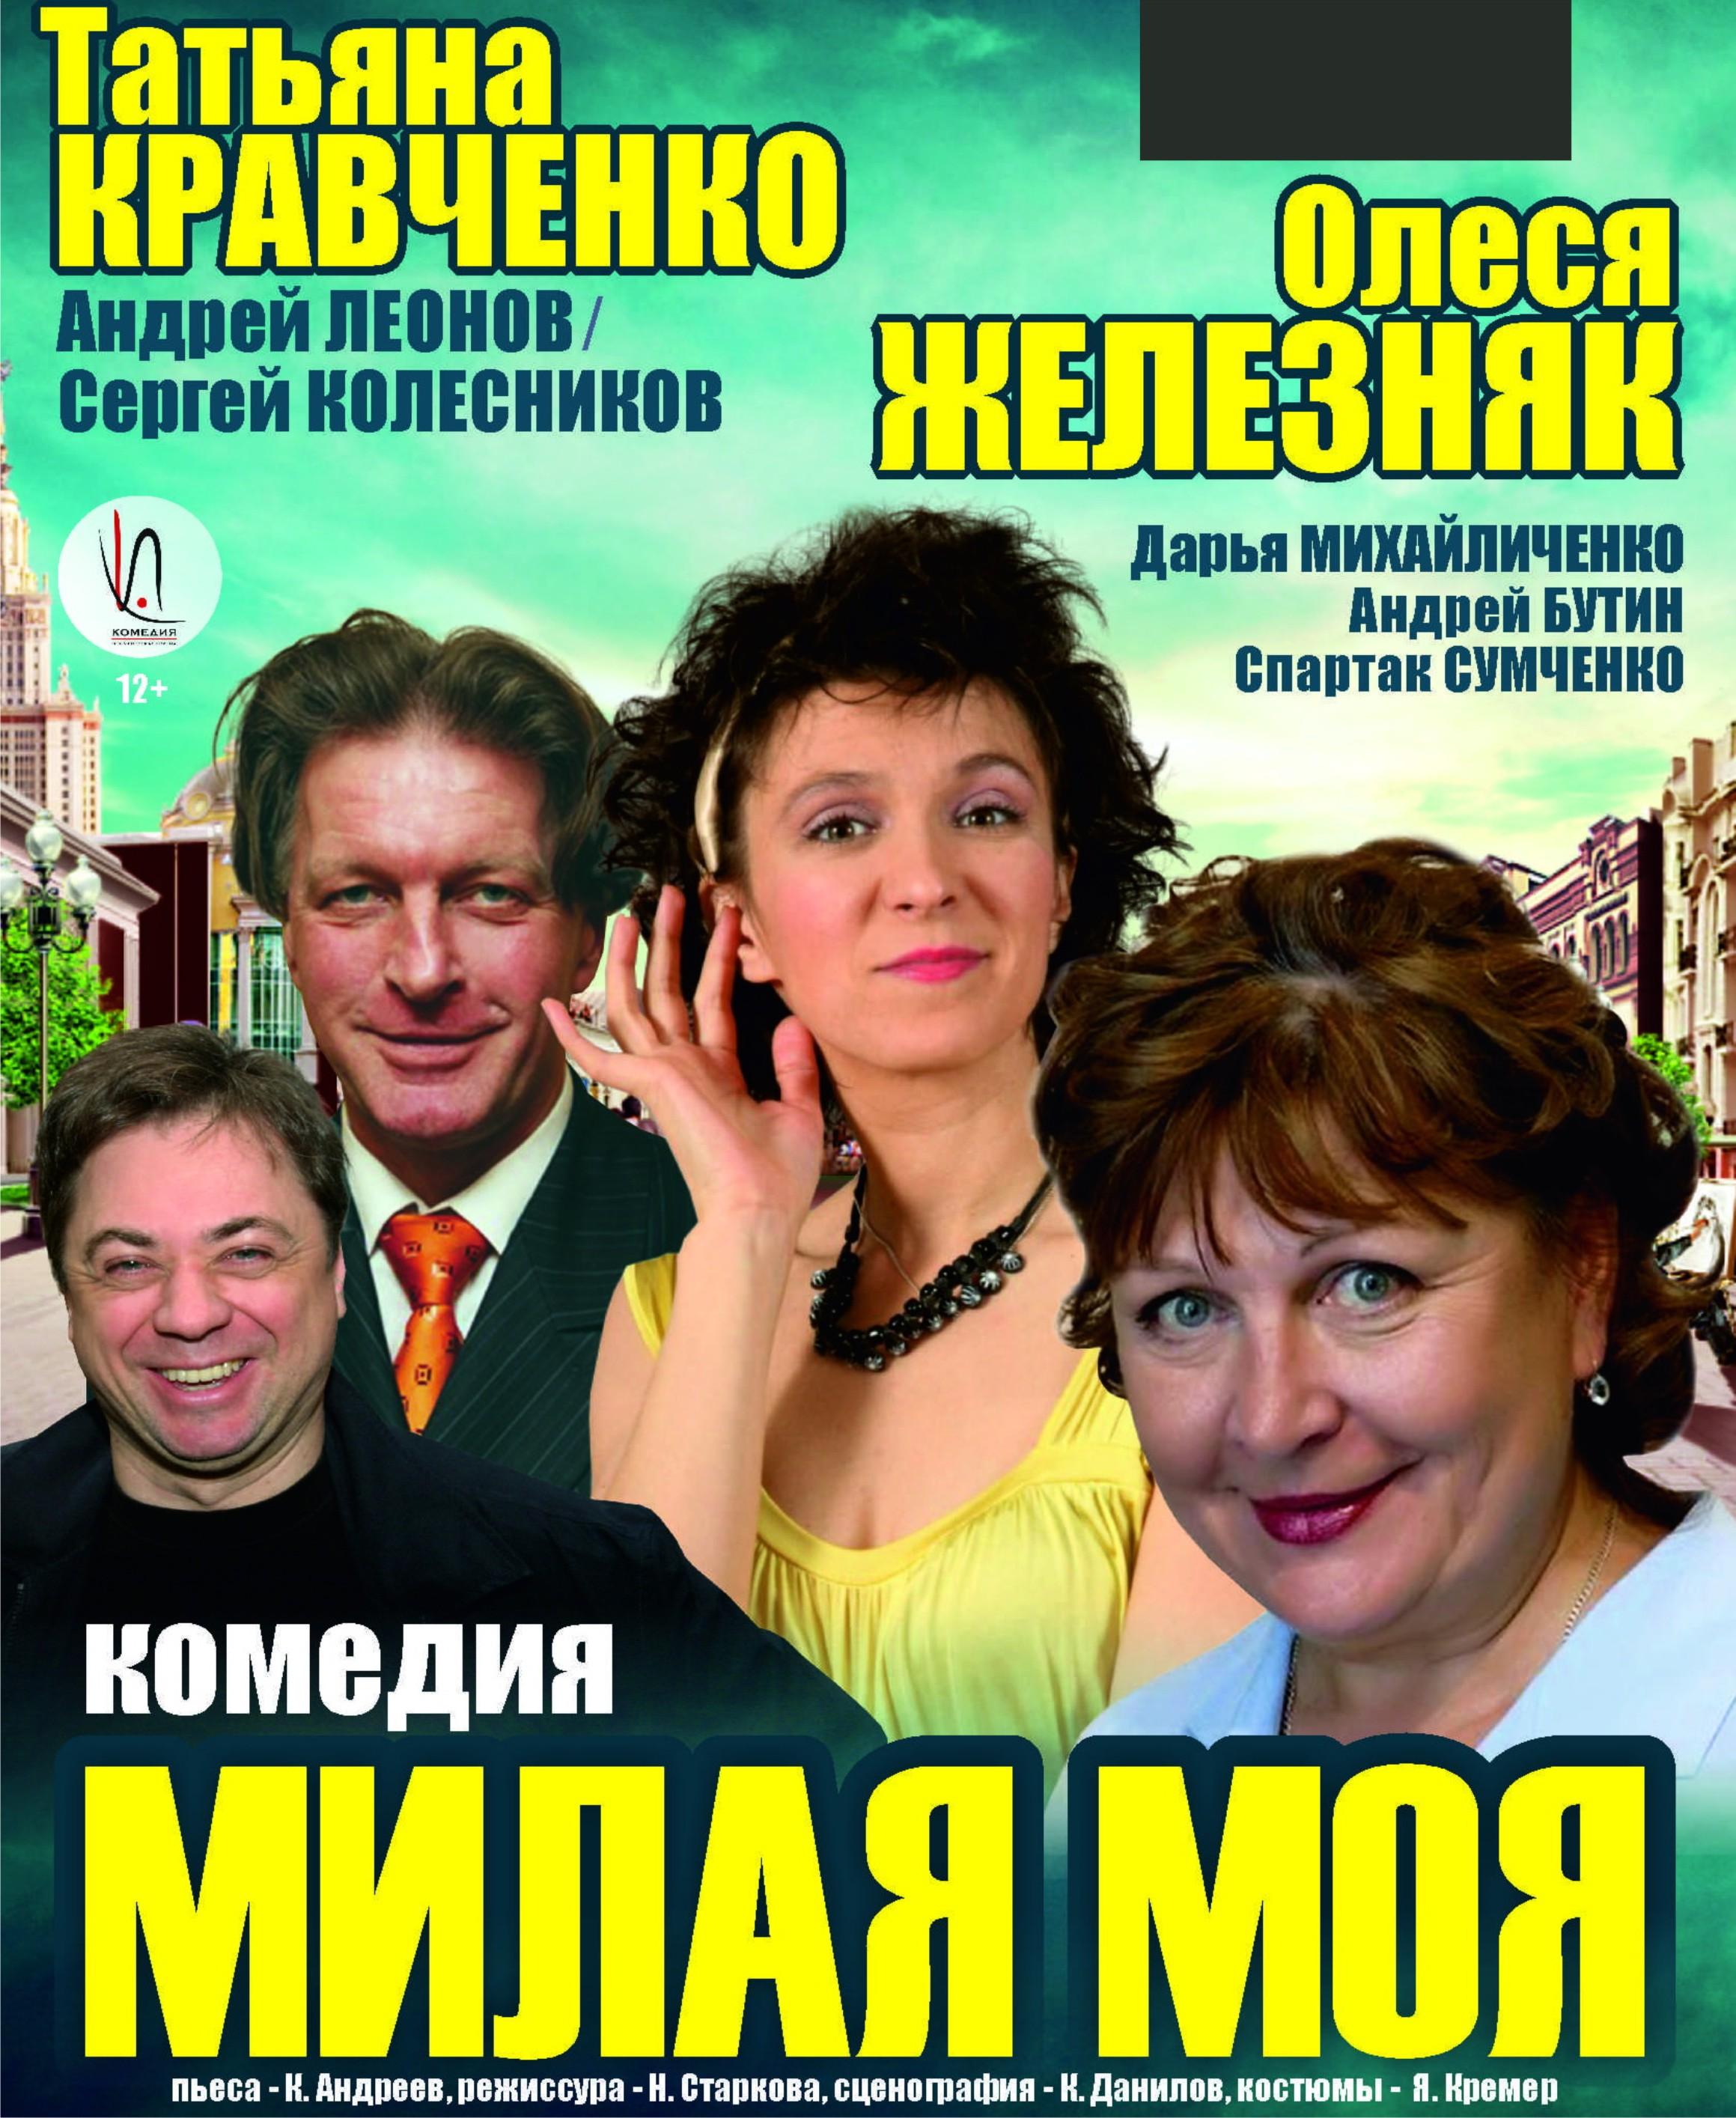 Комедия «Милая моя!» в ДК КТЗ